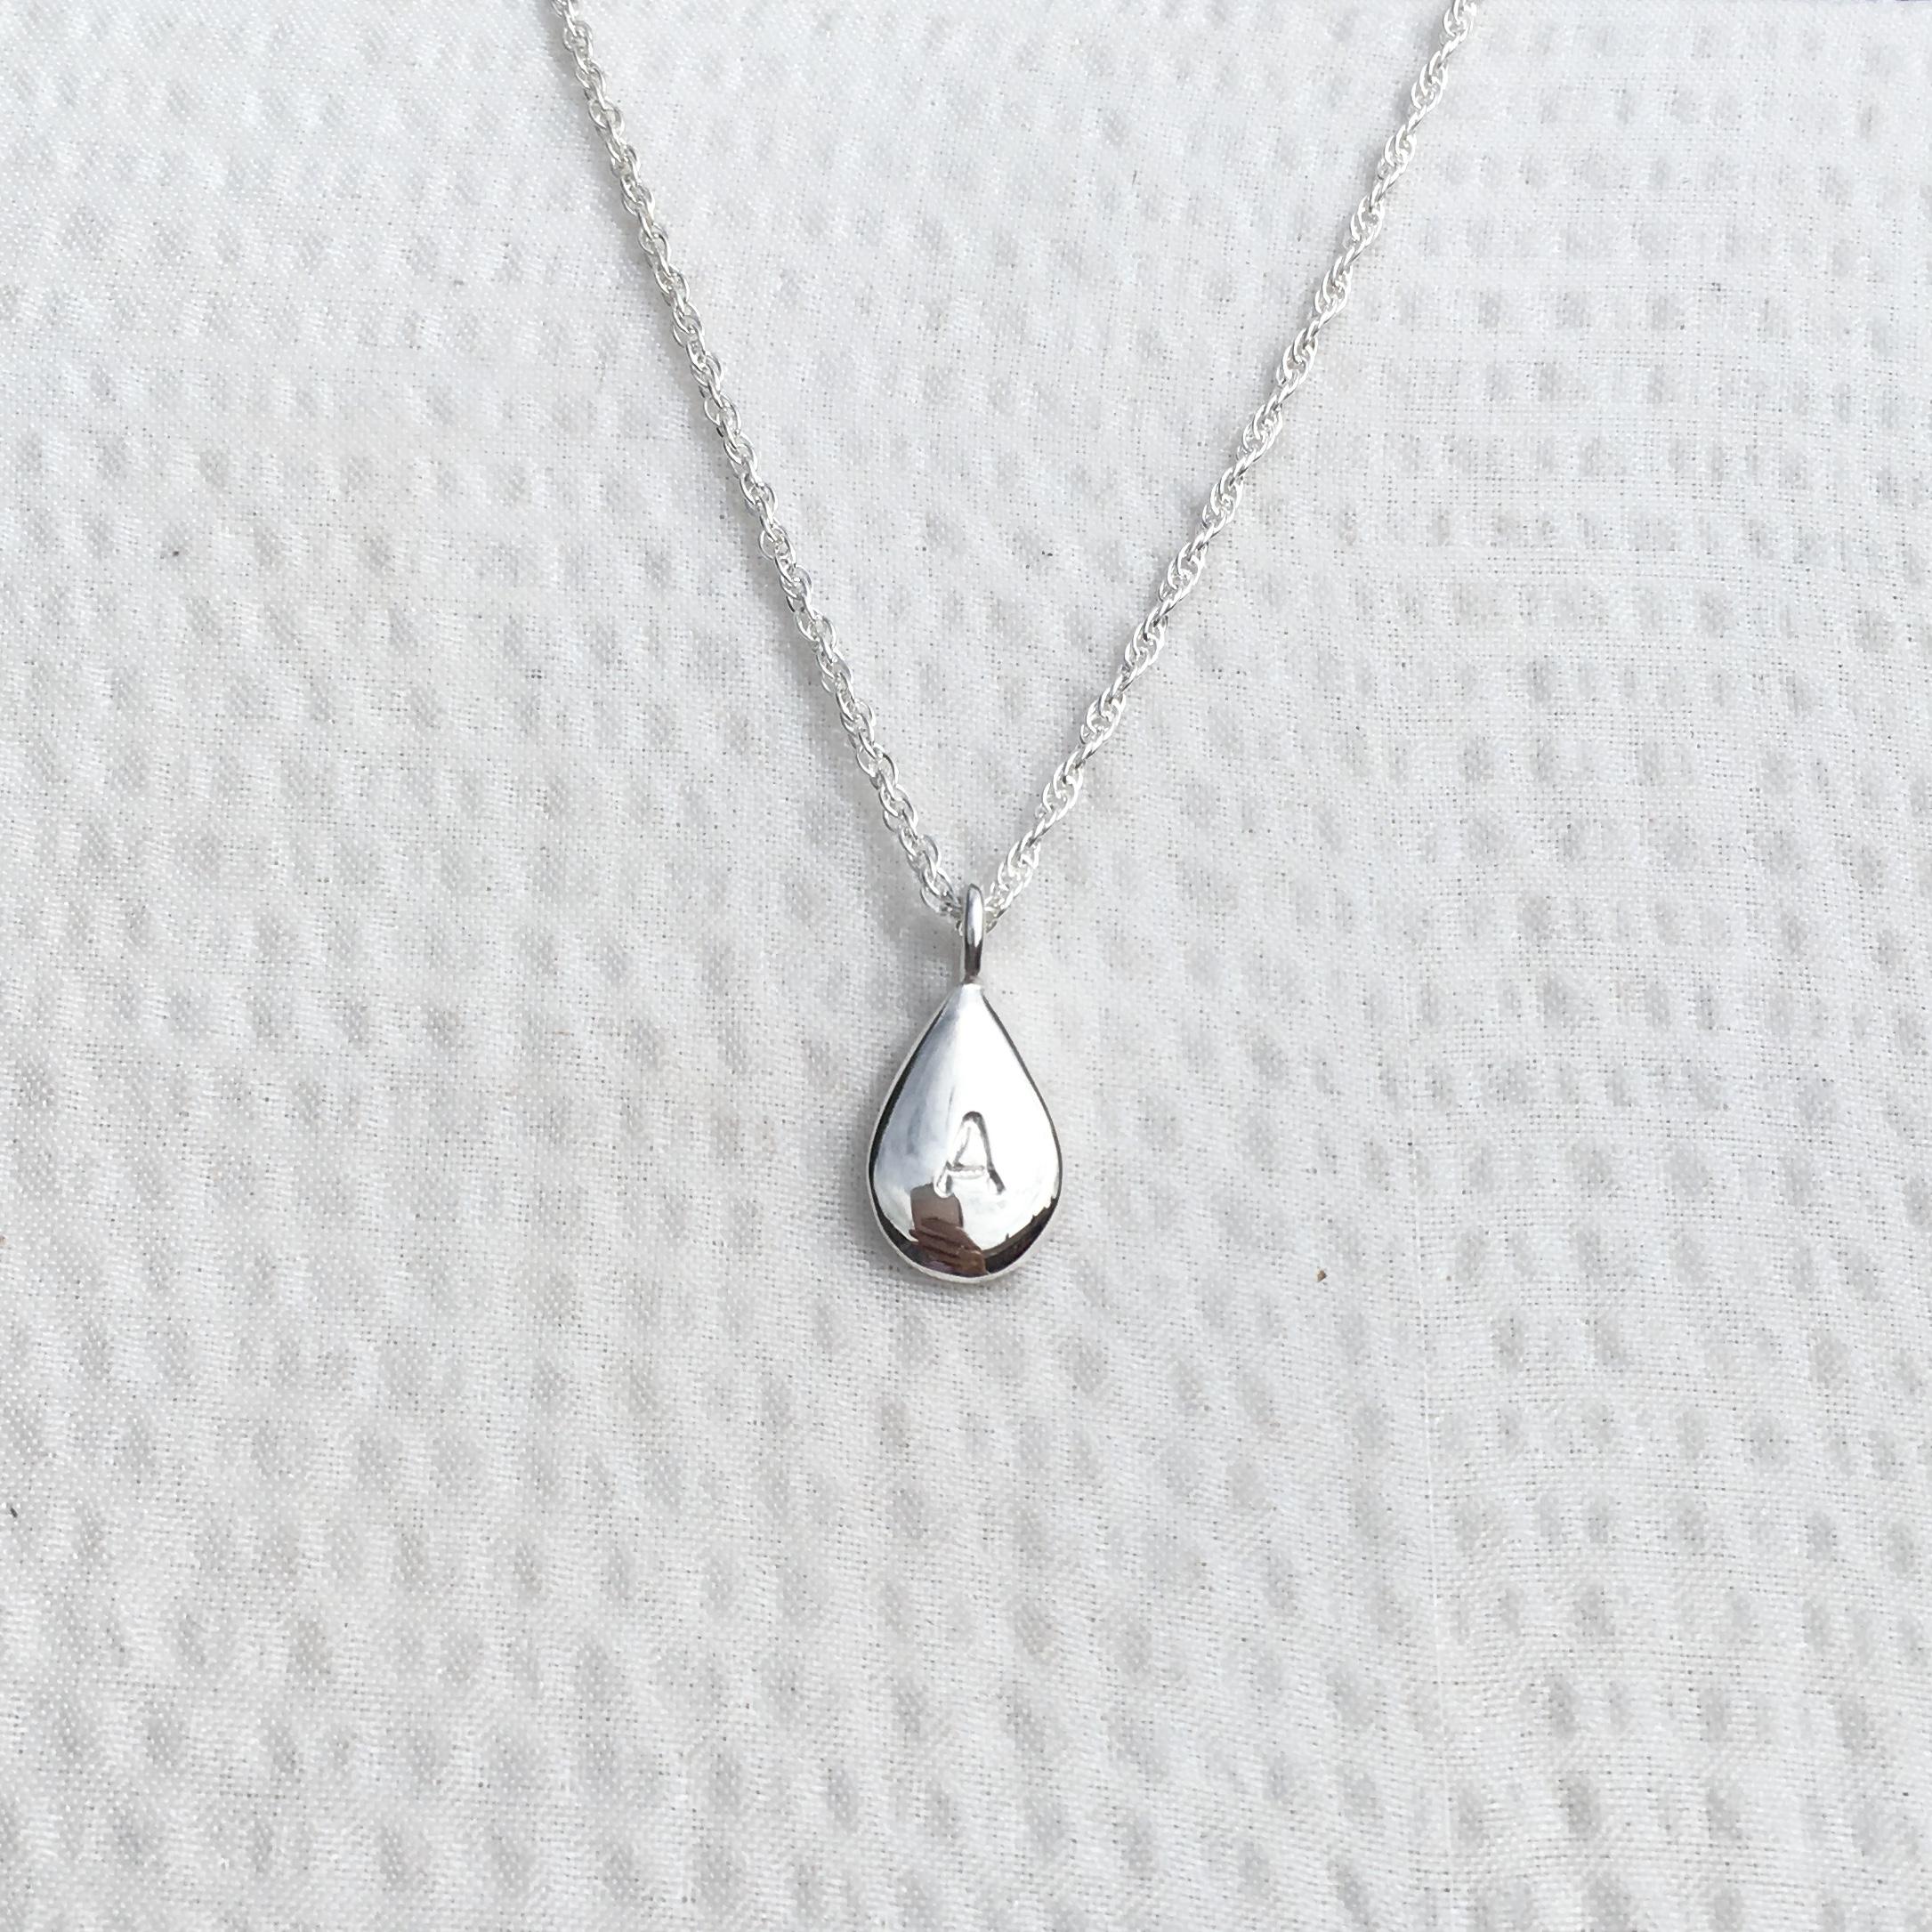 Solid Silver Drop Necklace